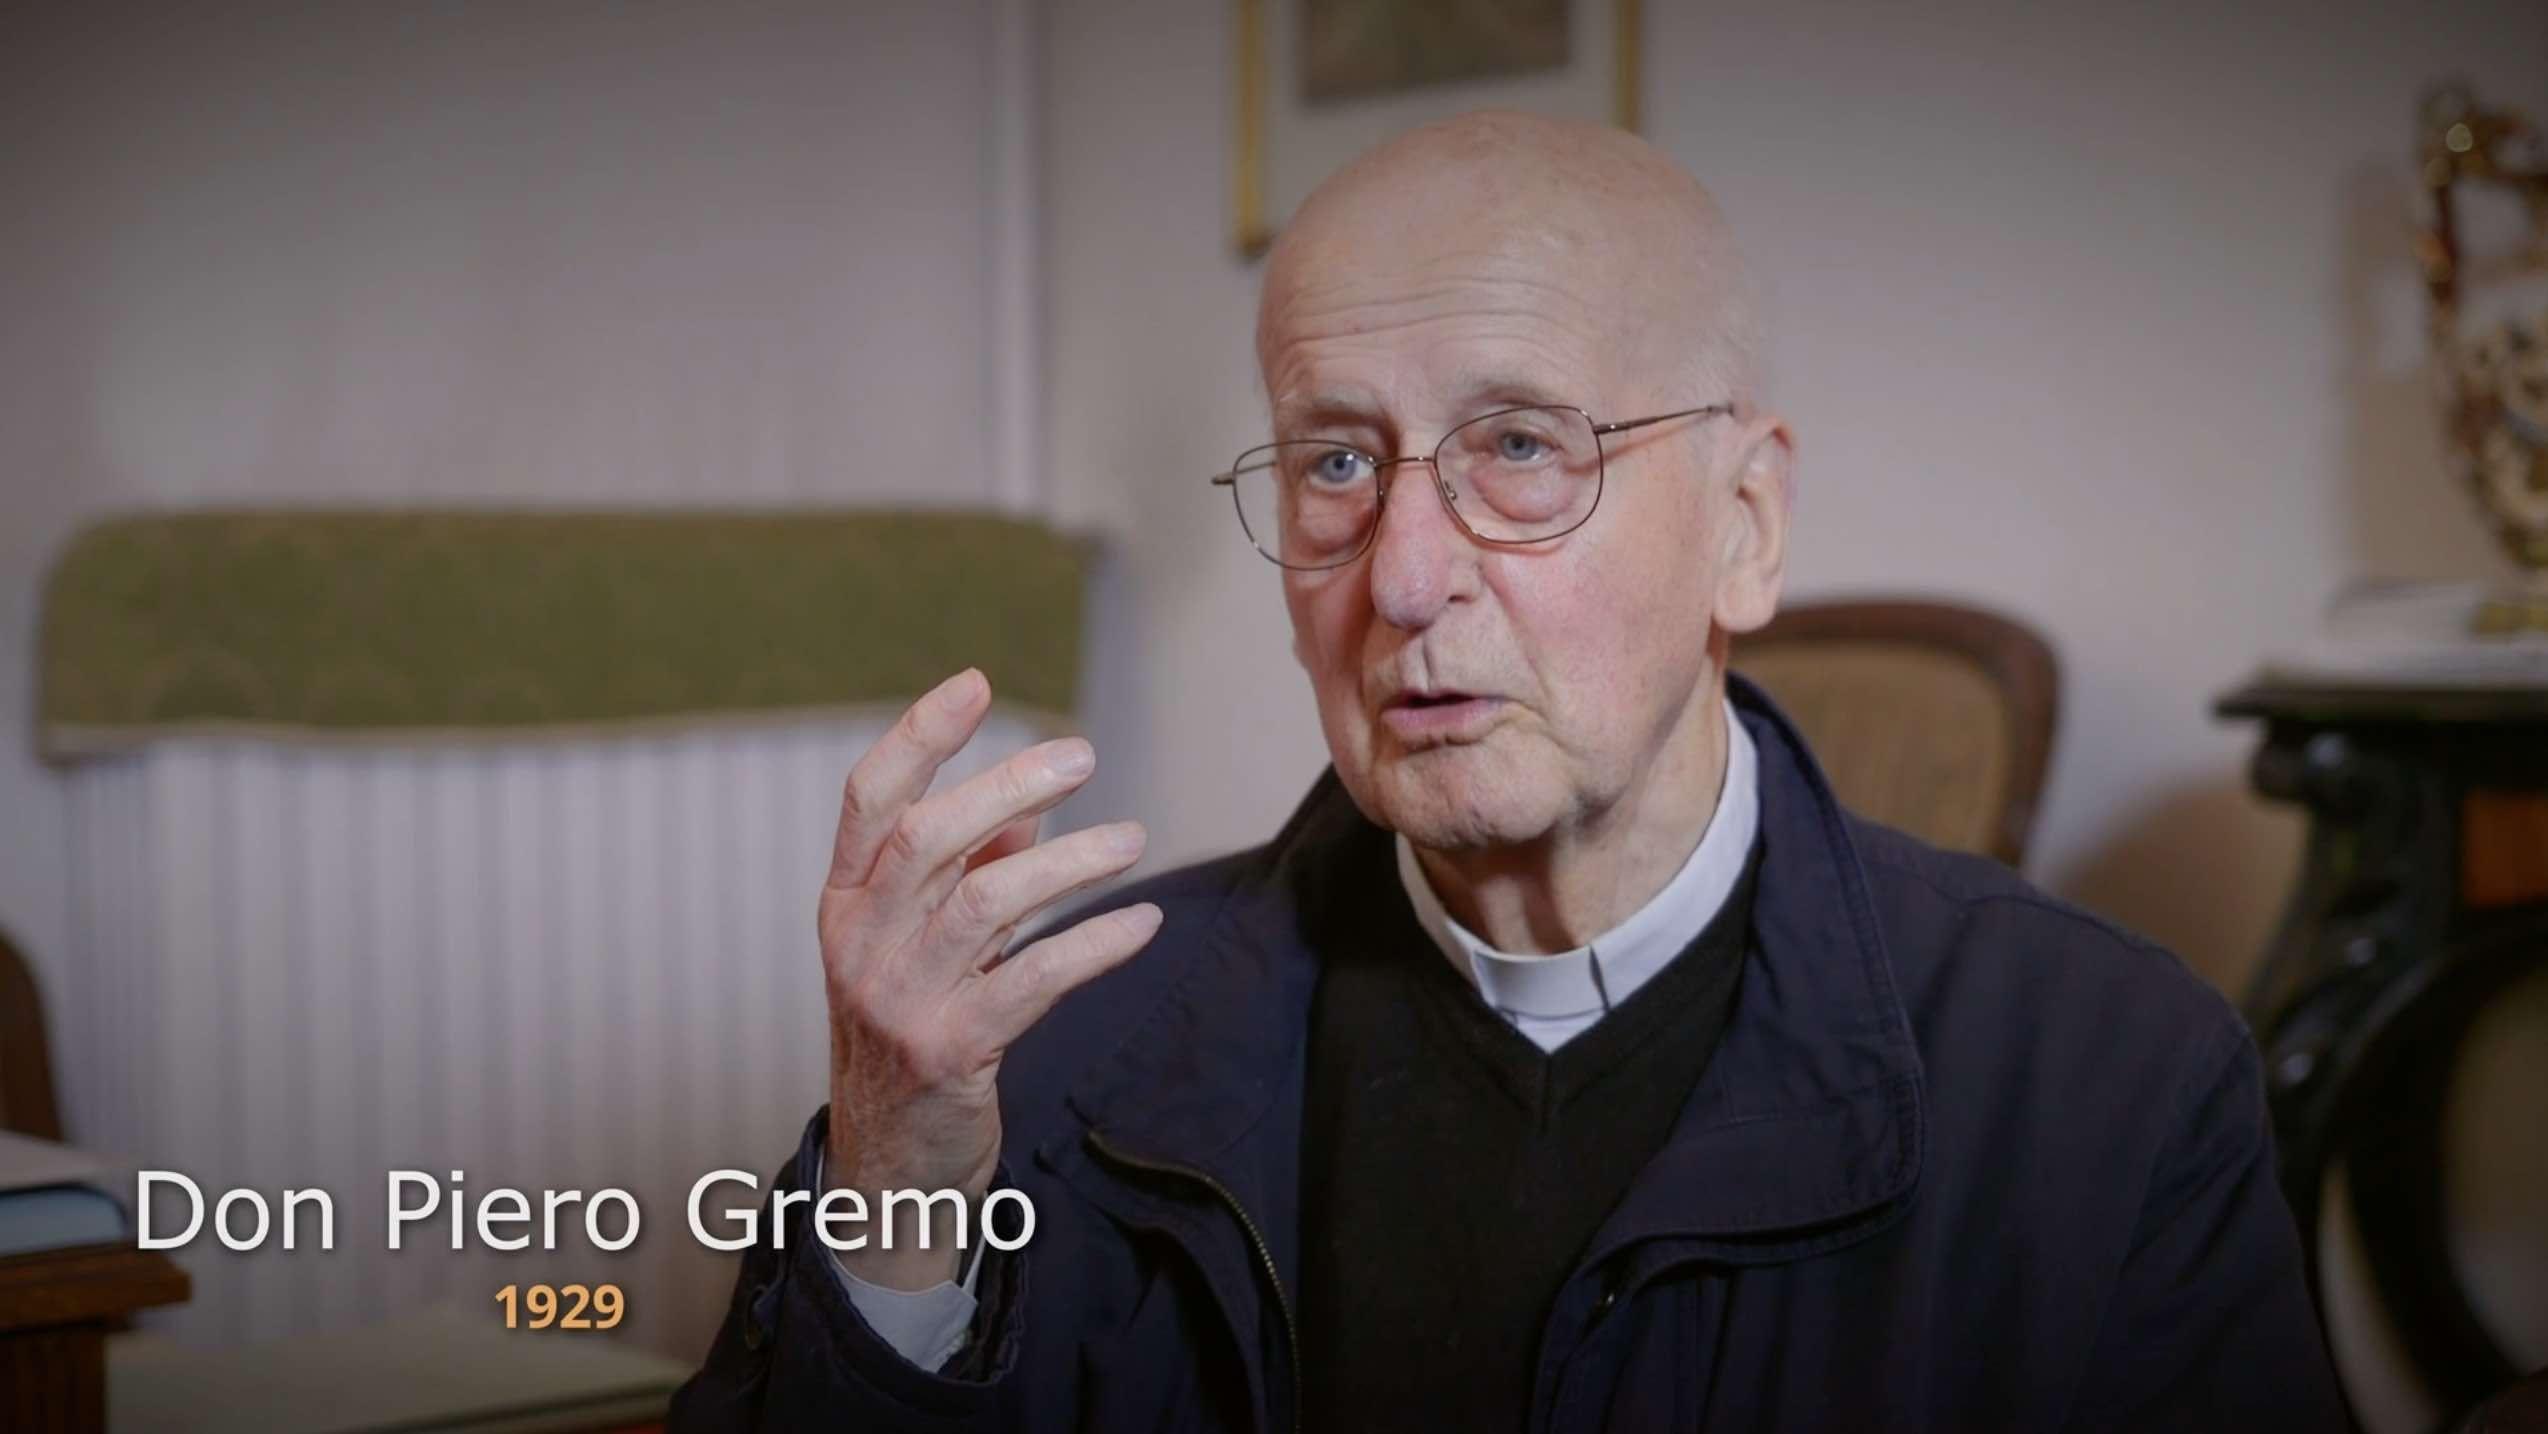 SAN GIUSTO CANAVESE - Uno sguardo al passato: il documentario di Andry Verga racconta il paese - IL TRAILER